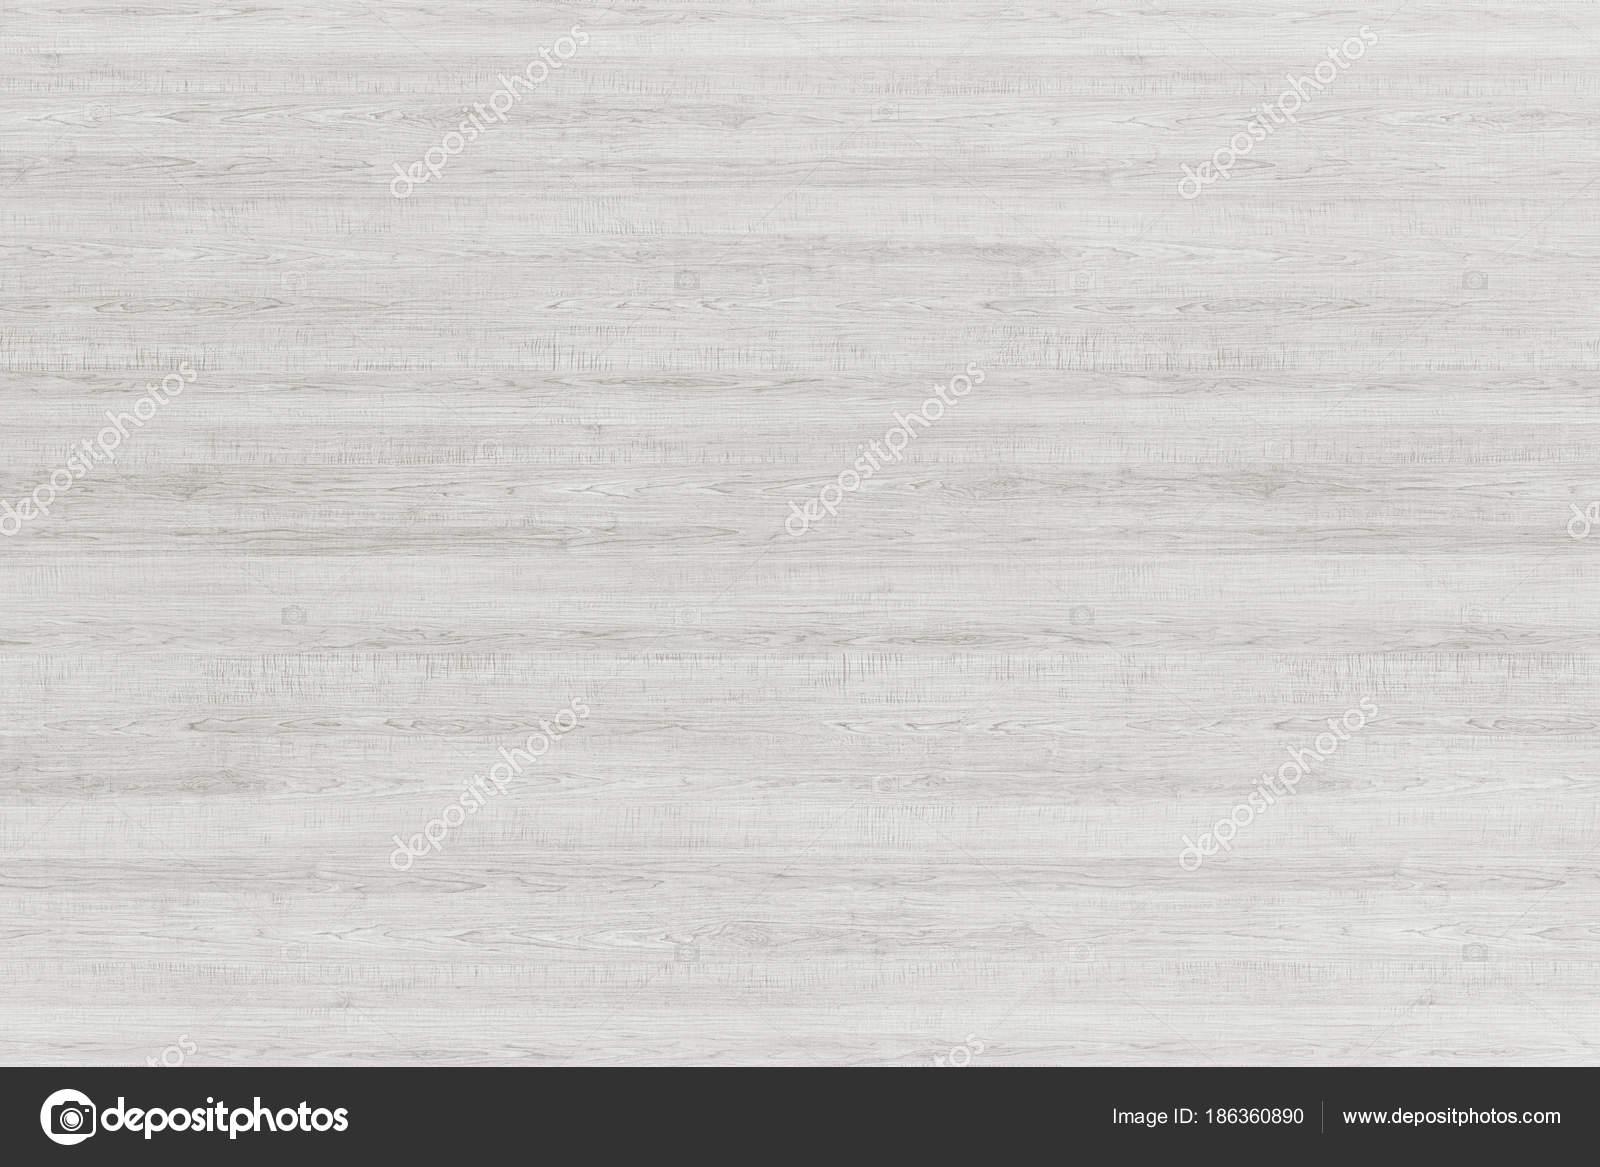 Legno Bianco Vintage : Assi di legno muro di legno bianco vintage lavato bianco